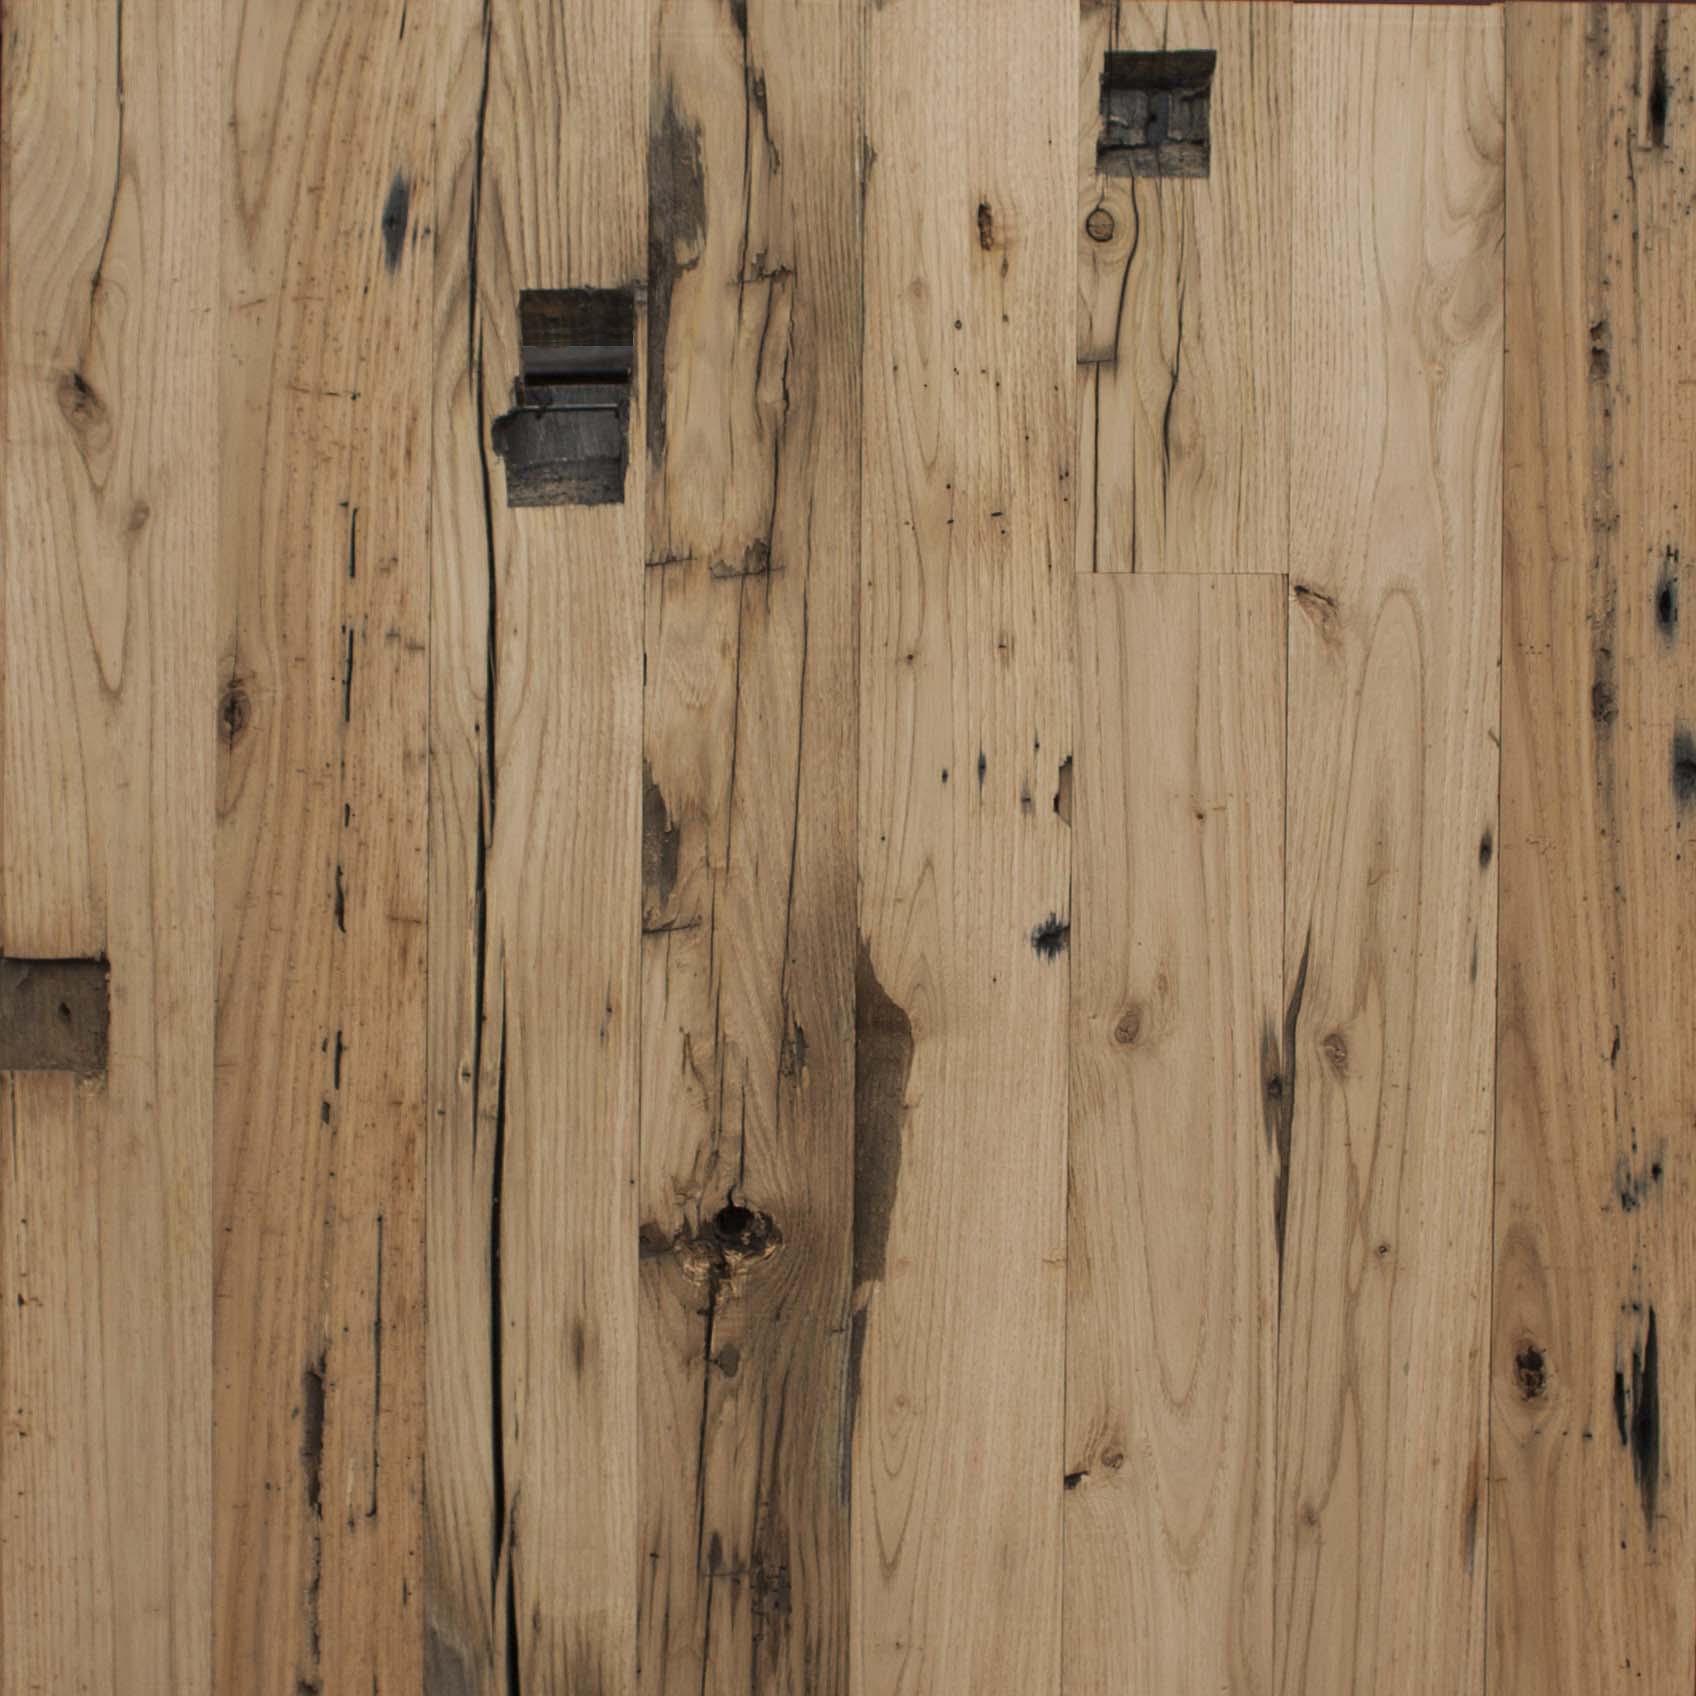 Longleaf Lumber Post Amp Beam Chestnut Paneling